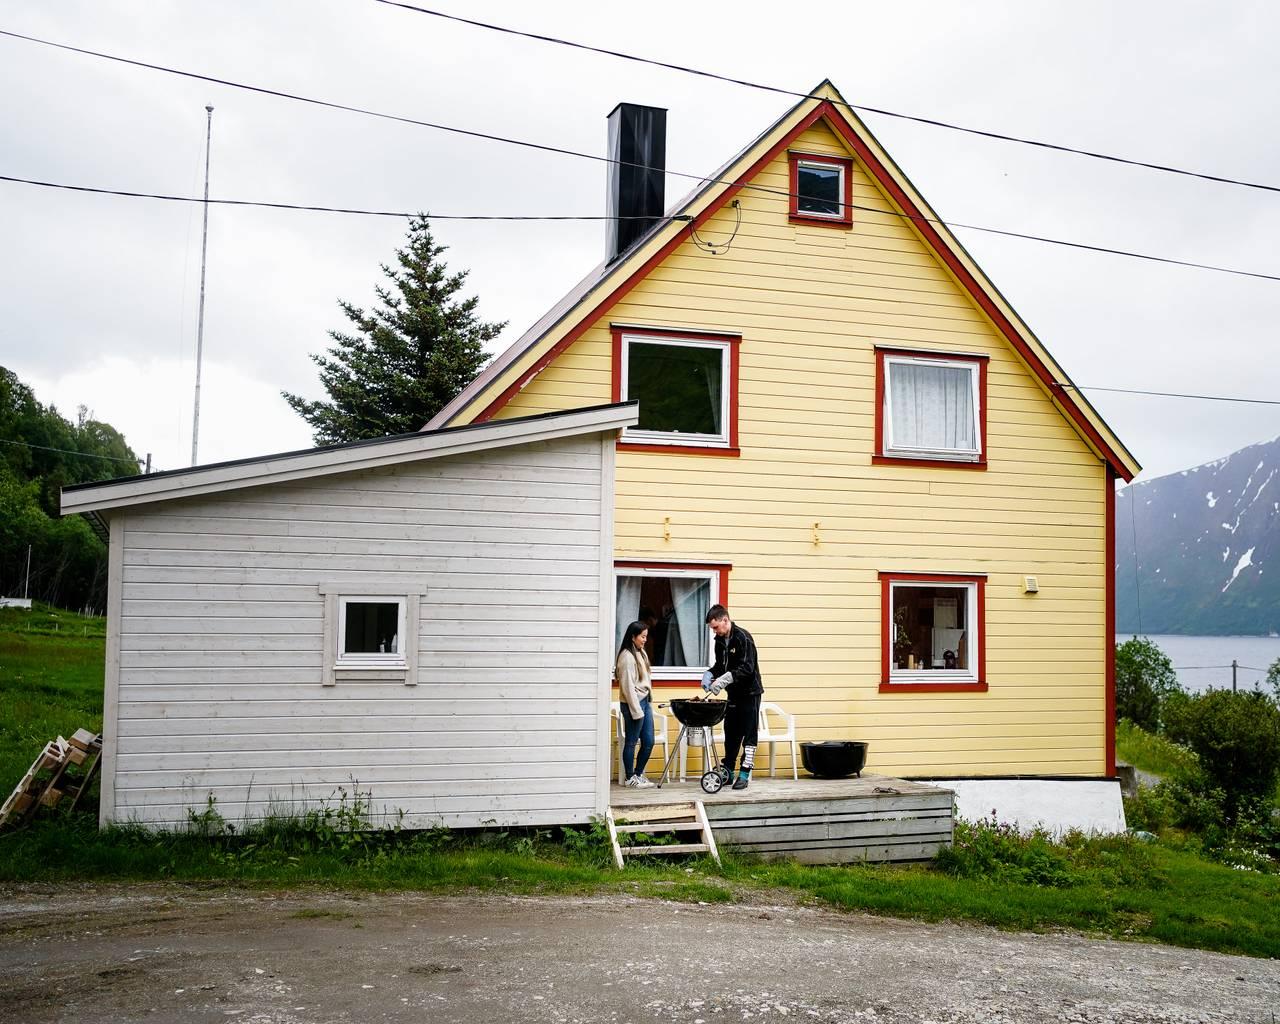 Ann-Hilde og Christian står utenfor huset sitt og griller. Huset er gult og hvitt.